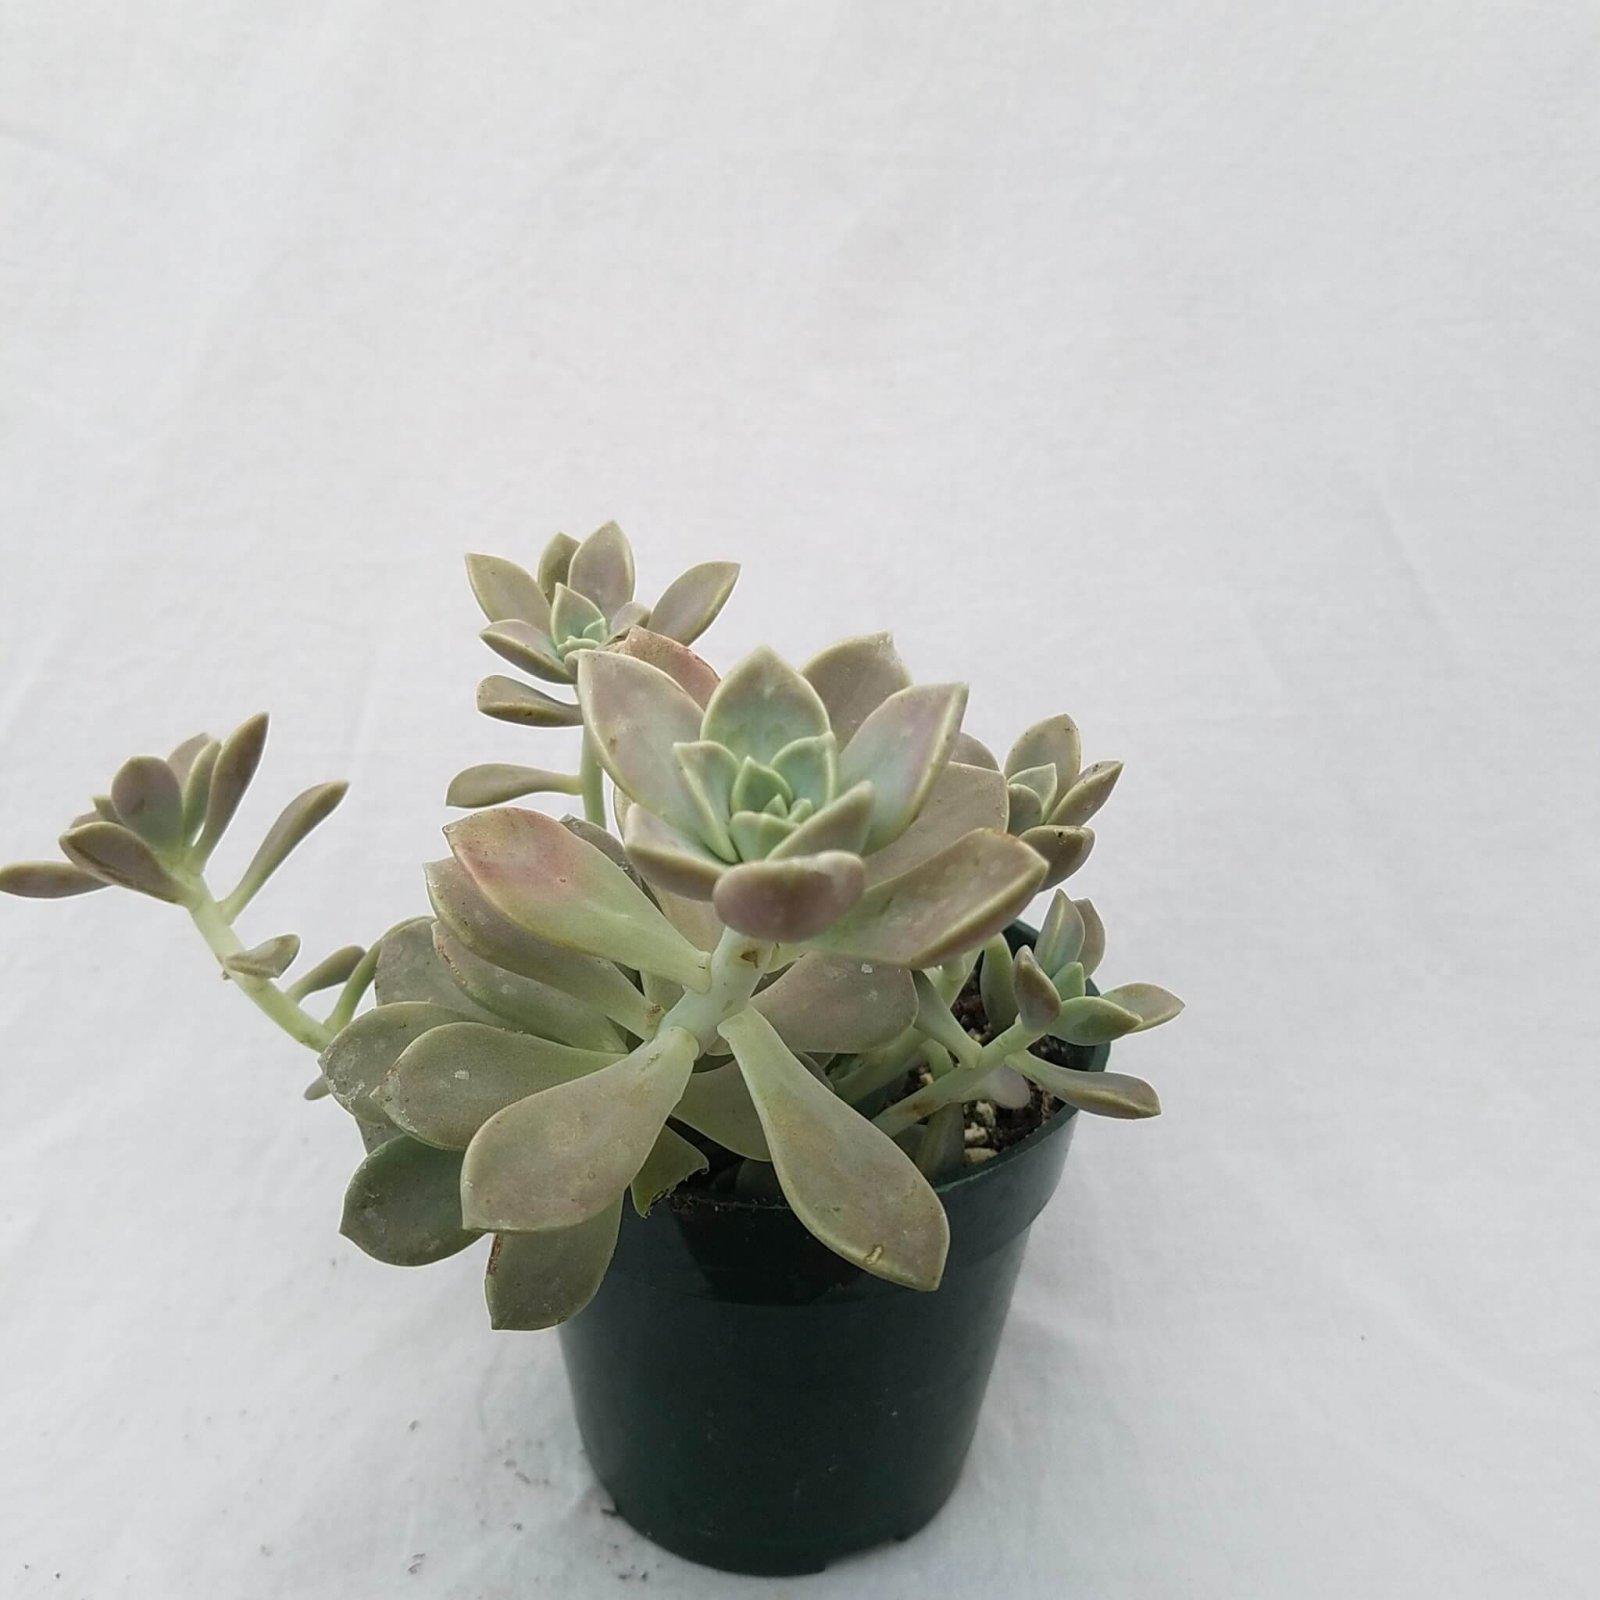 Graptopetalum paraguayense - 4 1/2